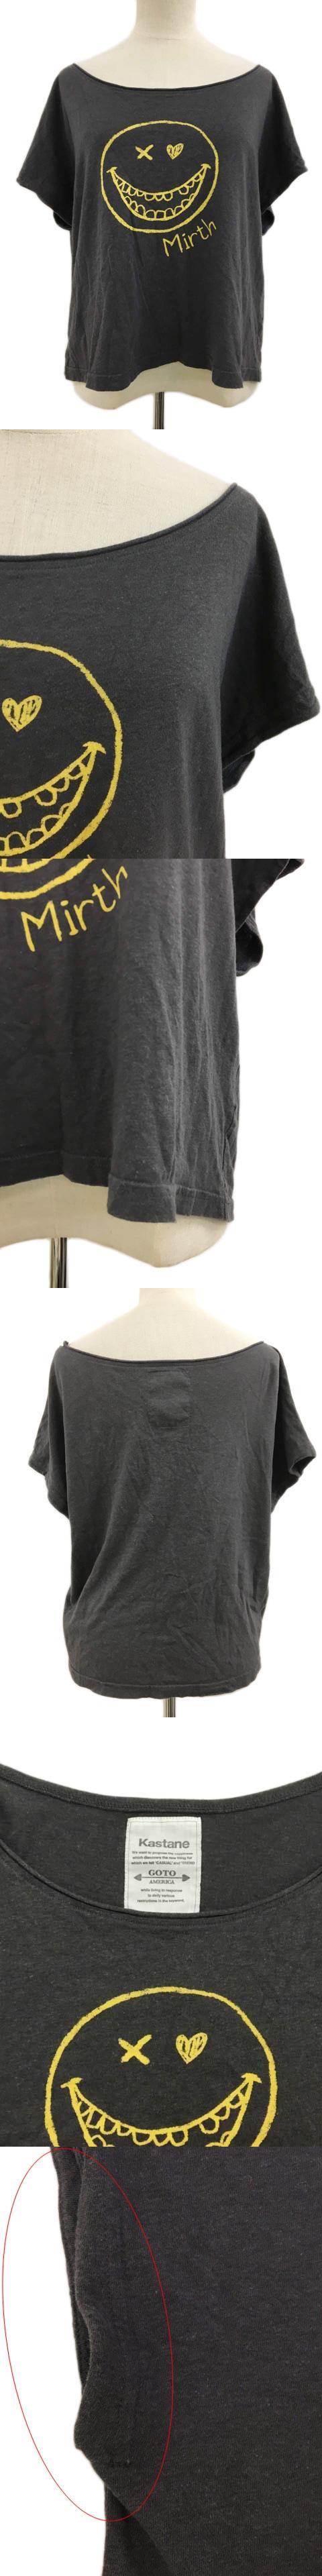 Tシャツ カットソー プルオーバー ボートネック リネン混 半袖 FREE グレー